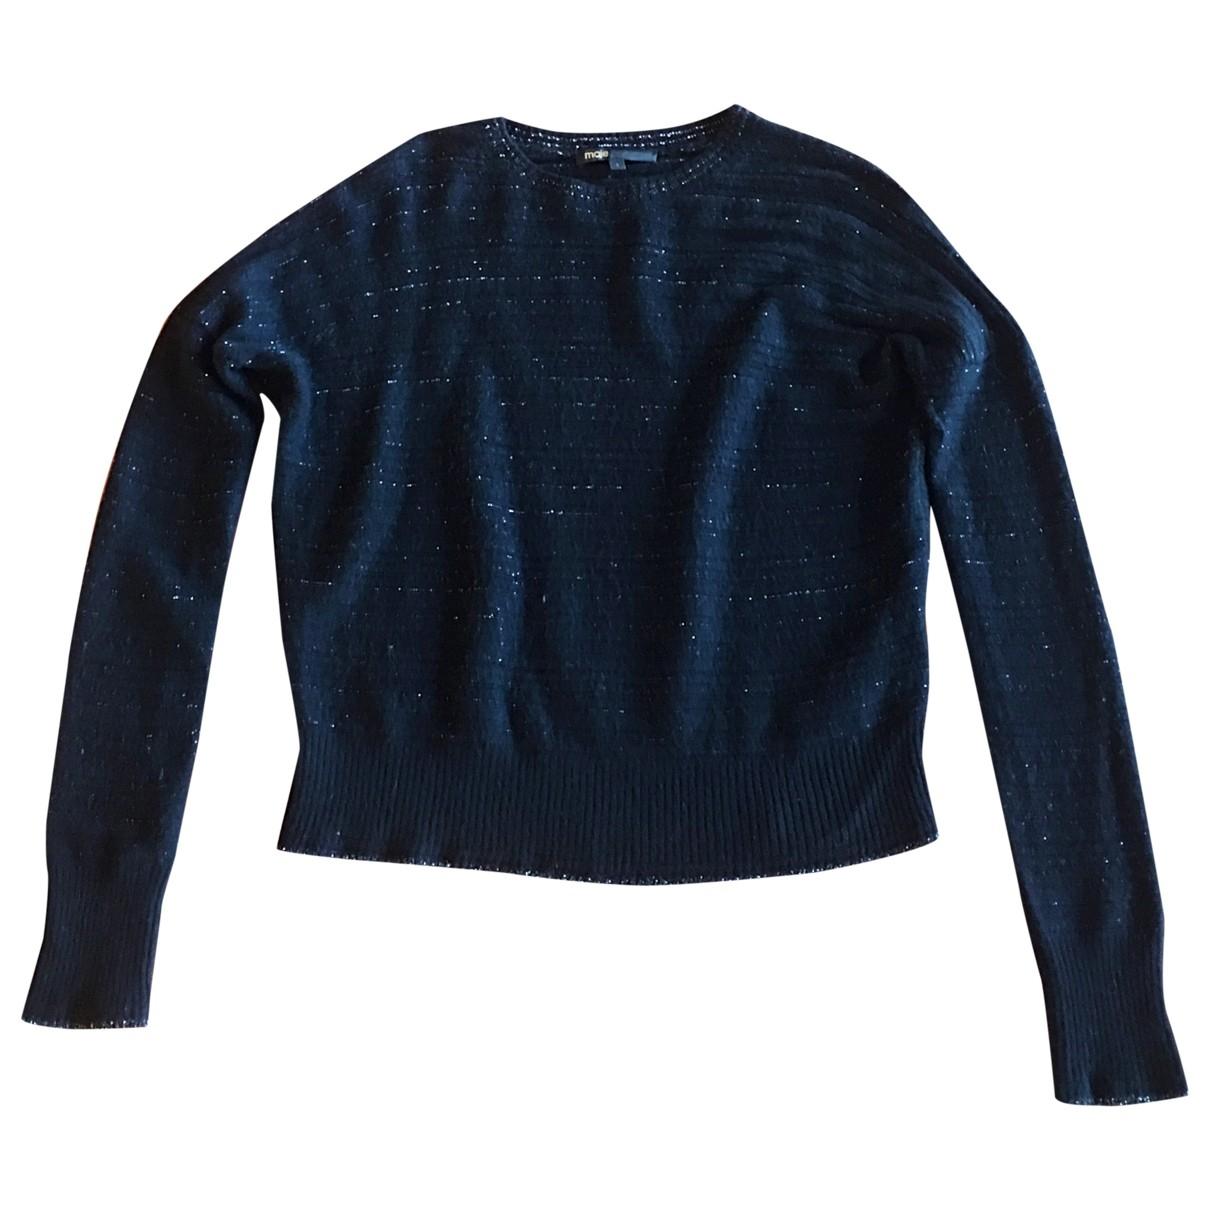 Maje \N Black Wool Knitwear for Women XS International